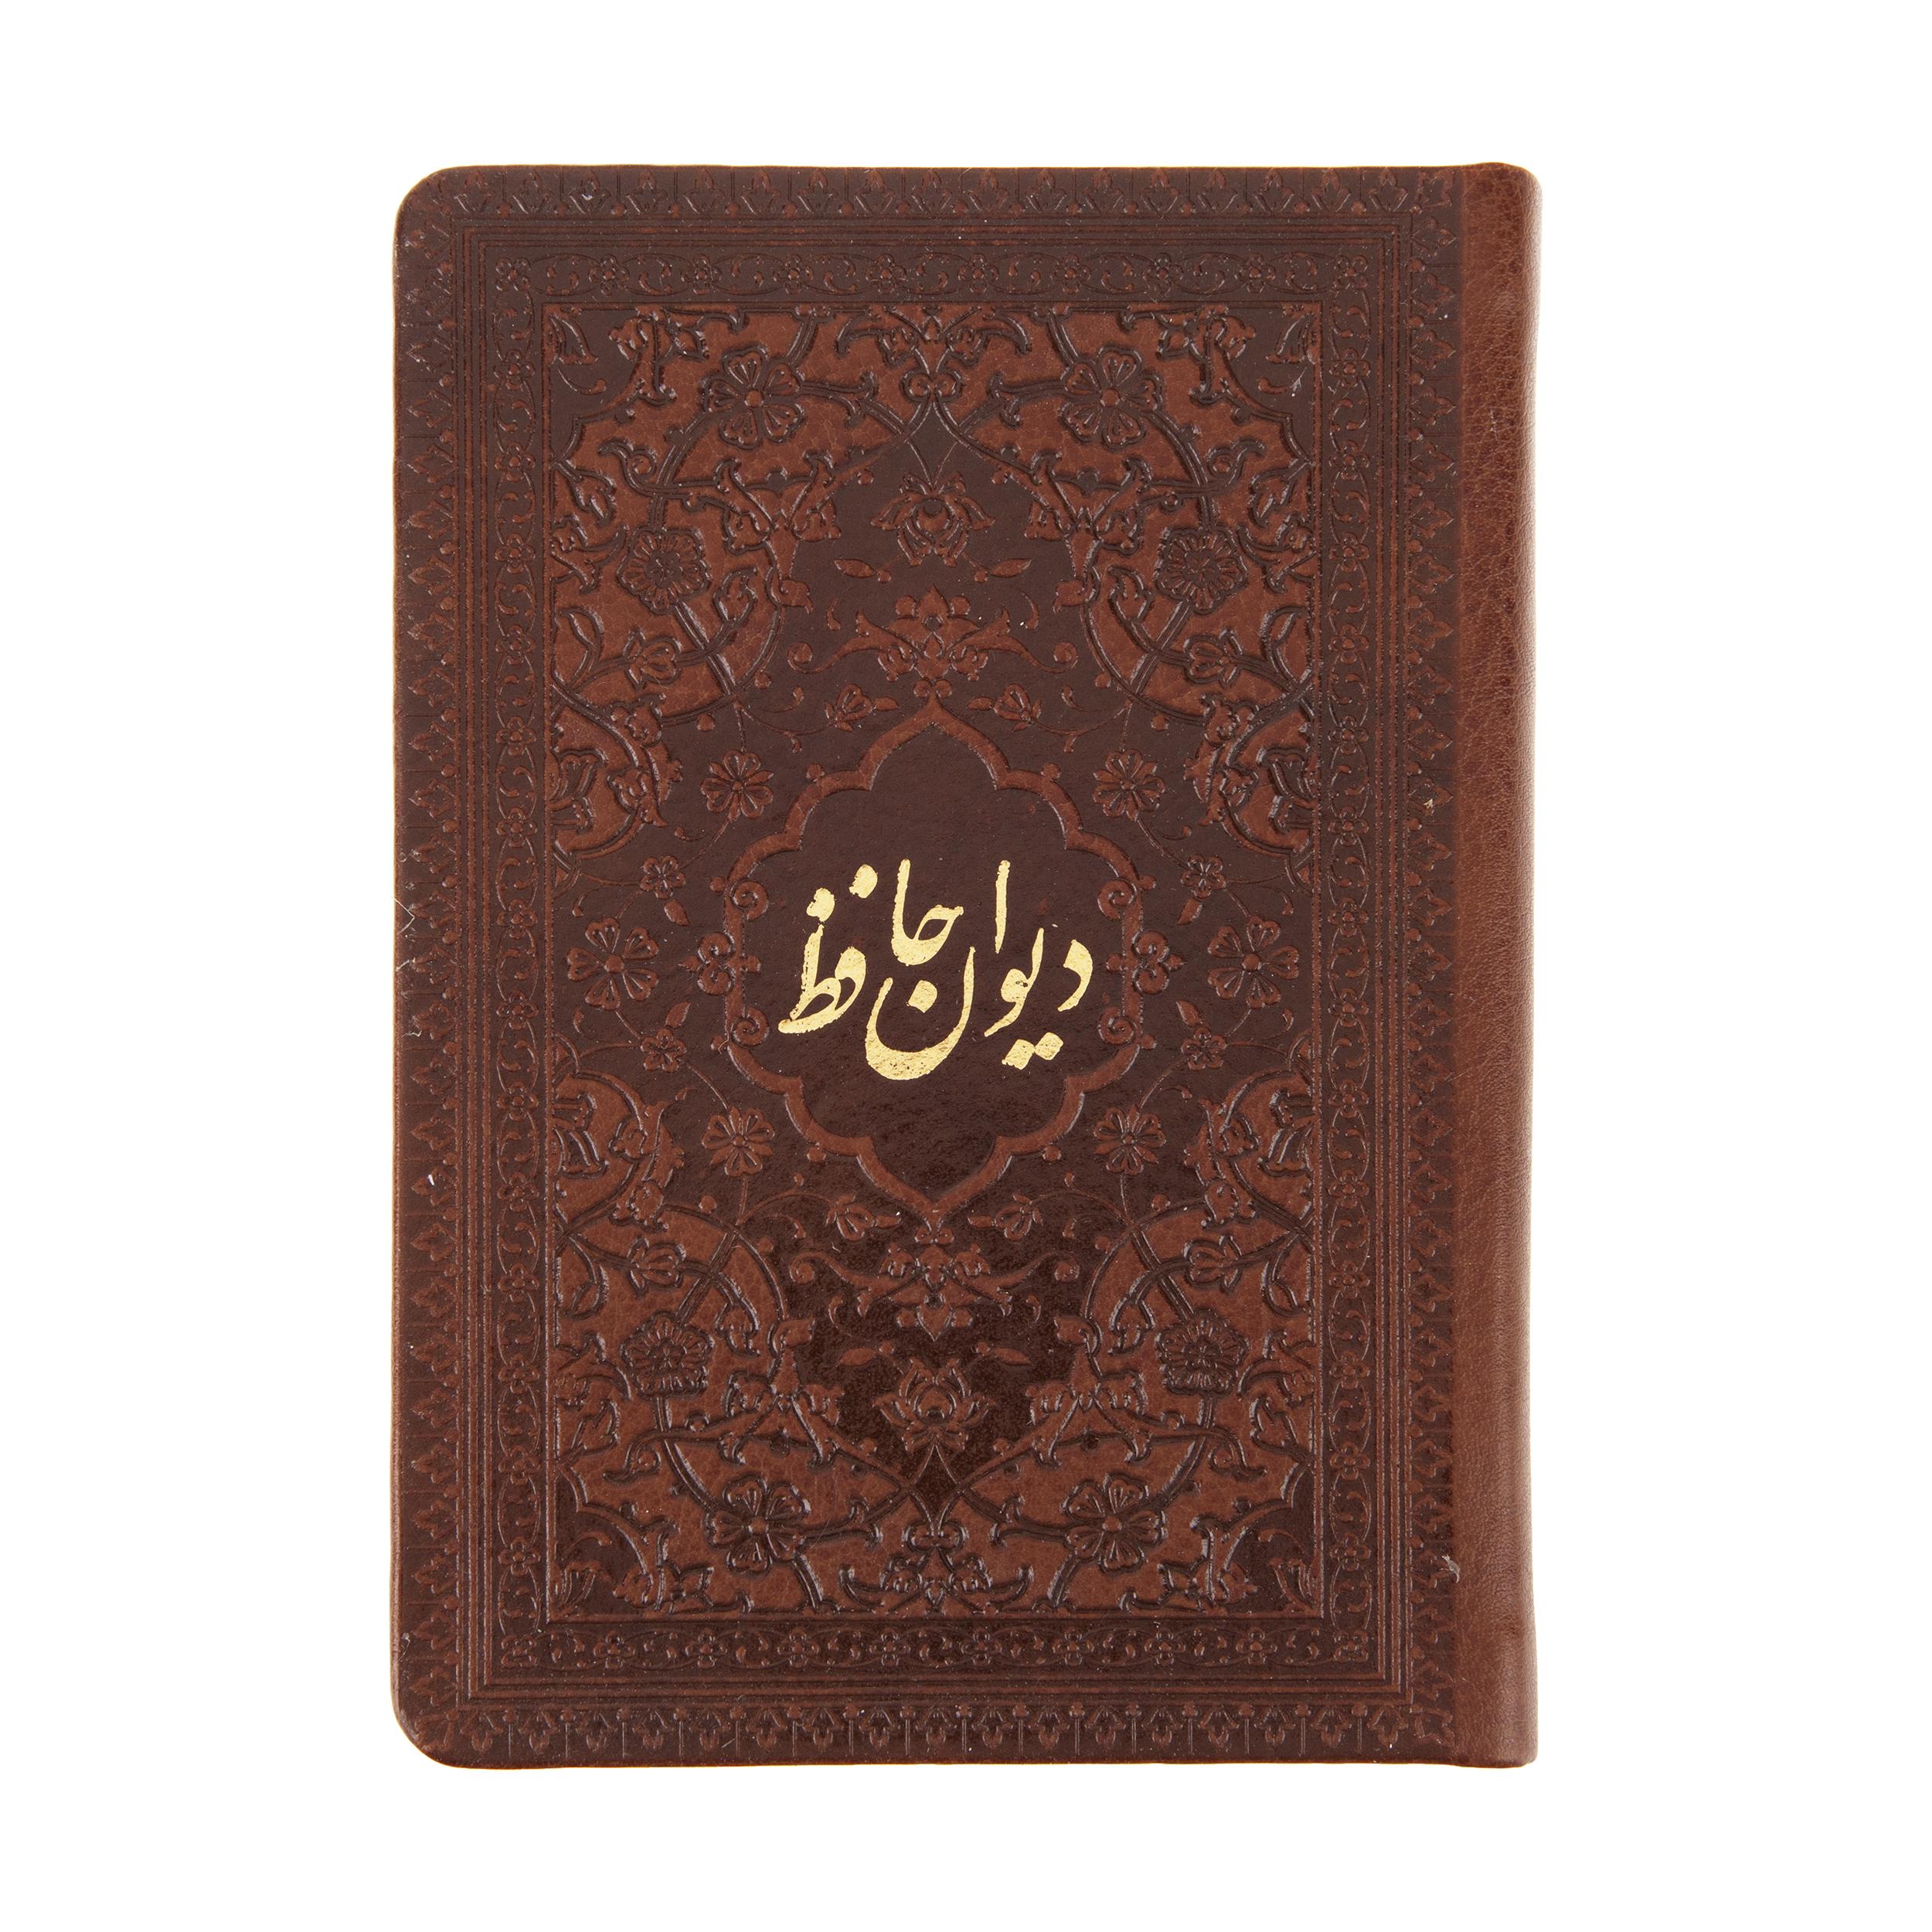 کتاب دیوان حافظ انتشارات راه بیکران